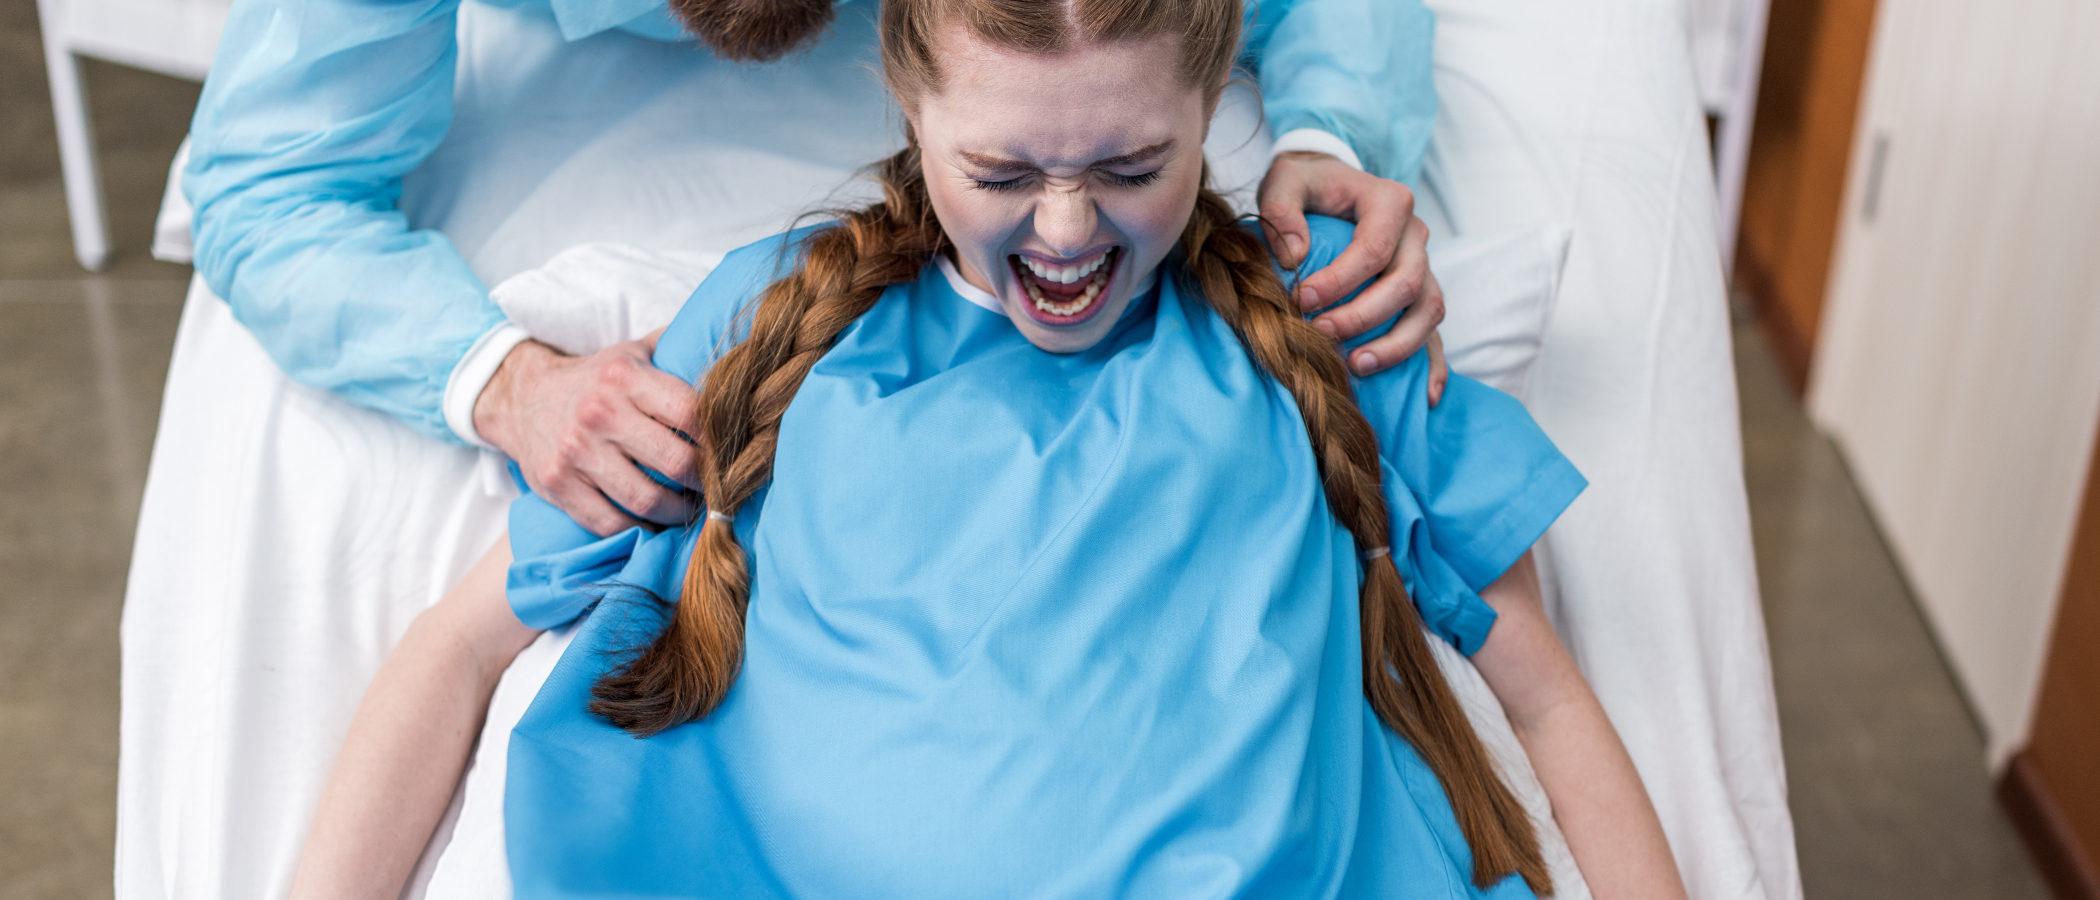 ¿Sentiré dolor en el parto con la anestesia epidural?